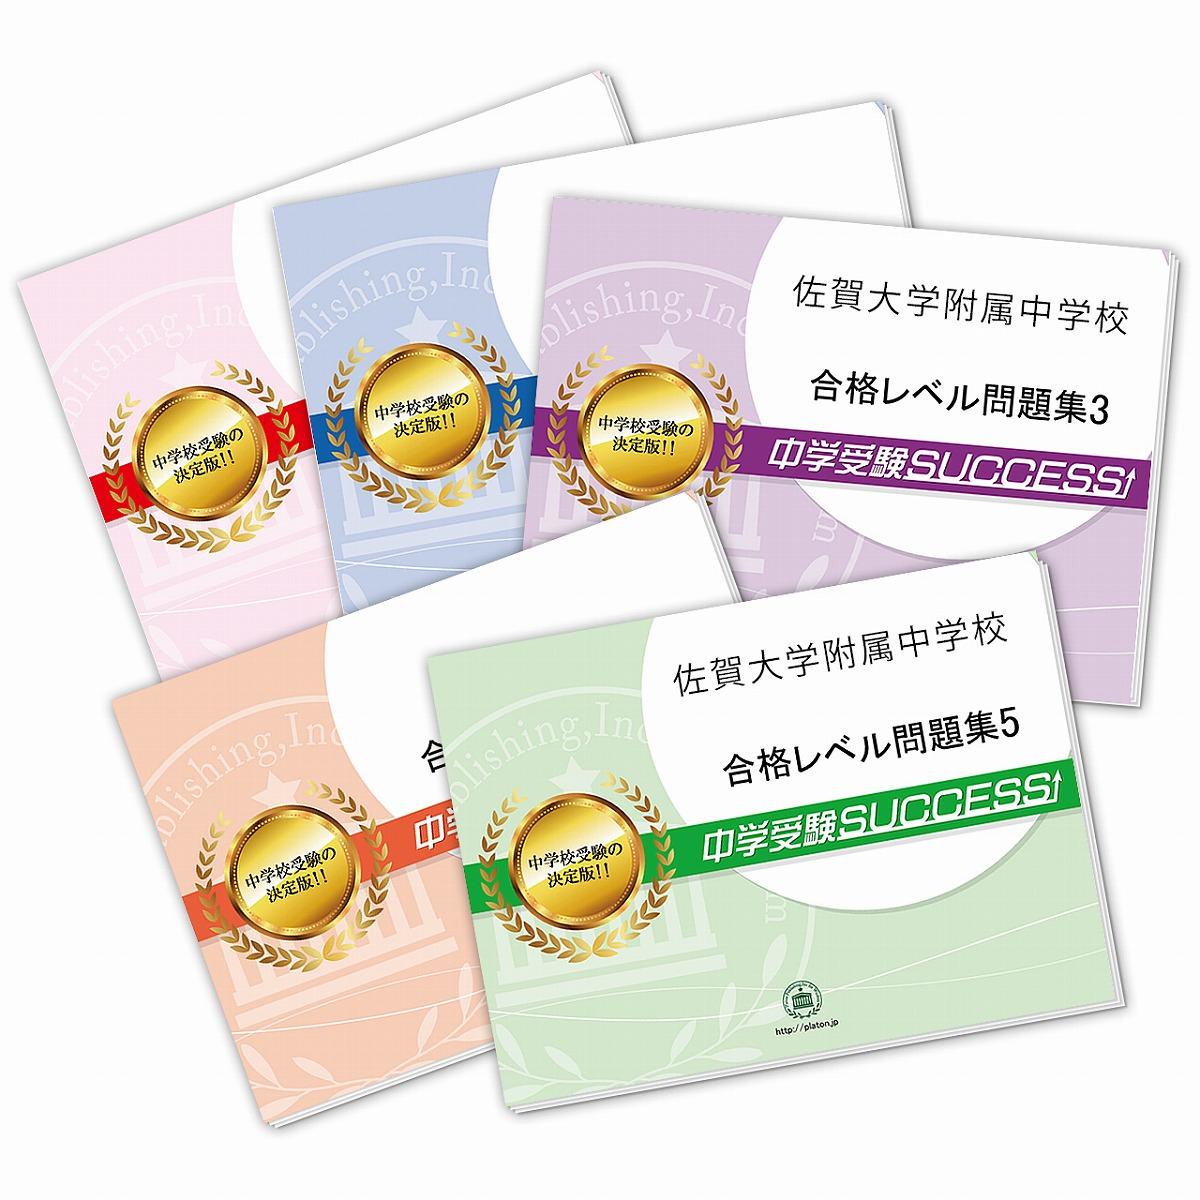 送料 代引手数料無料 訳あり 直輸入品激安 佐賀大学附属中学校 直前対策合格セット 5冊